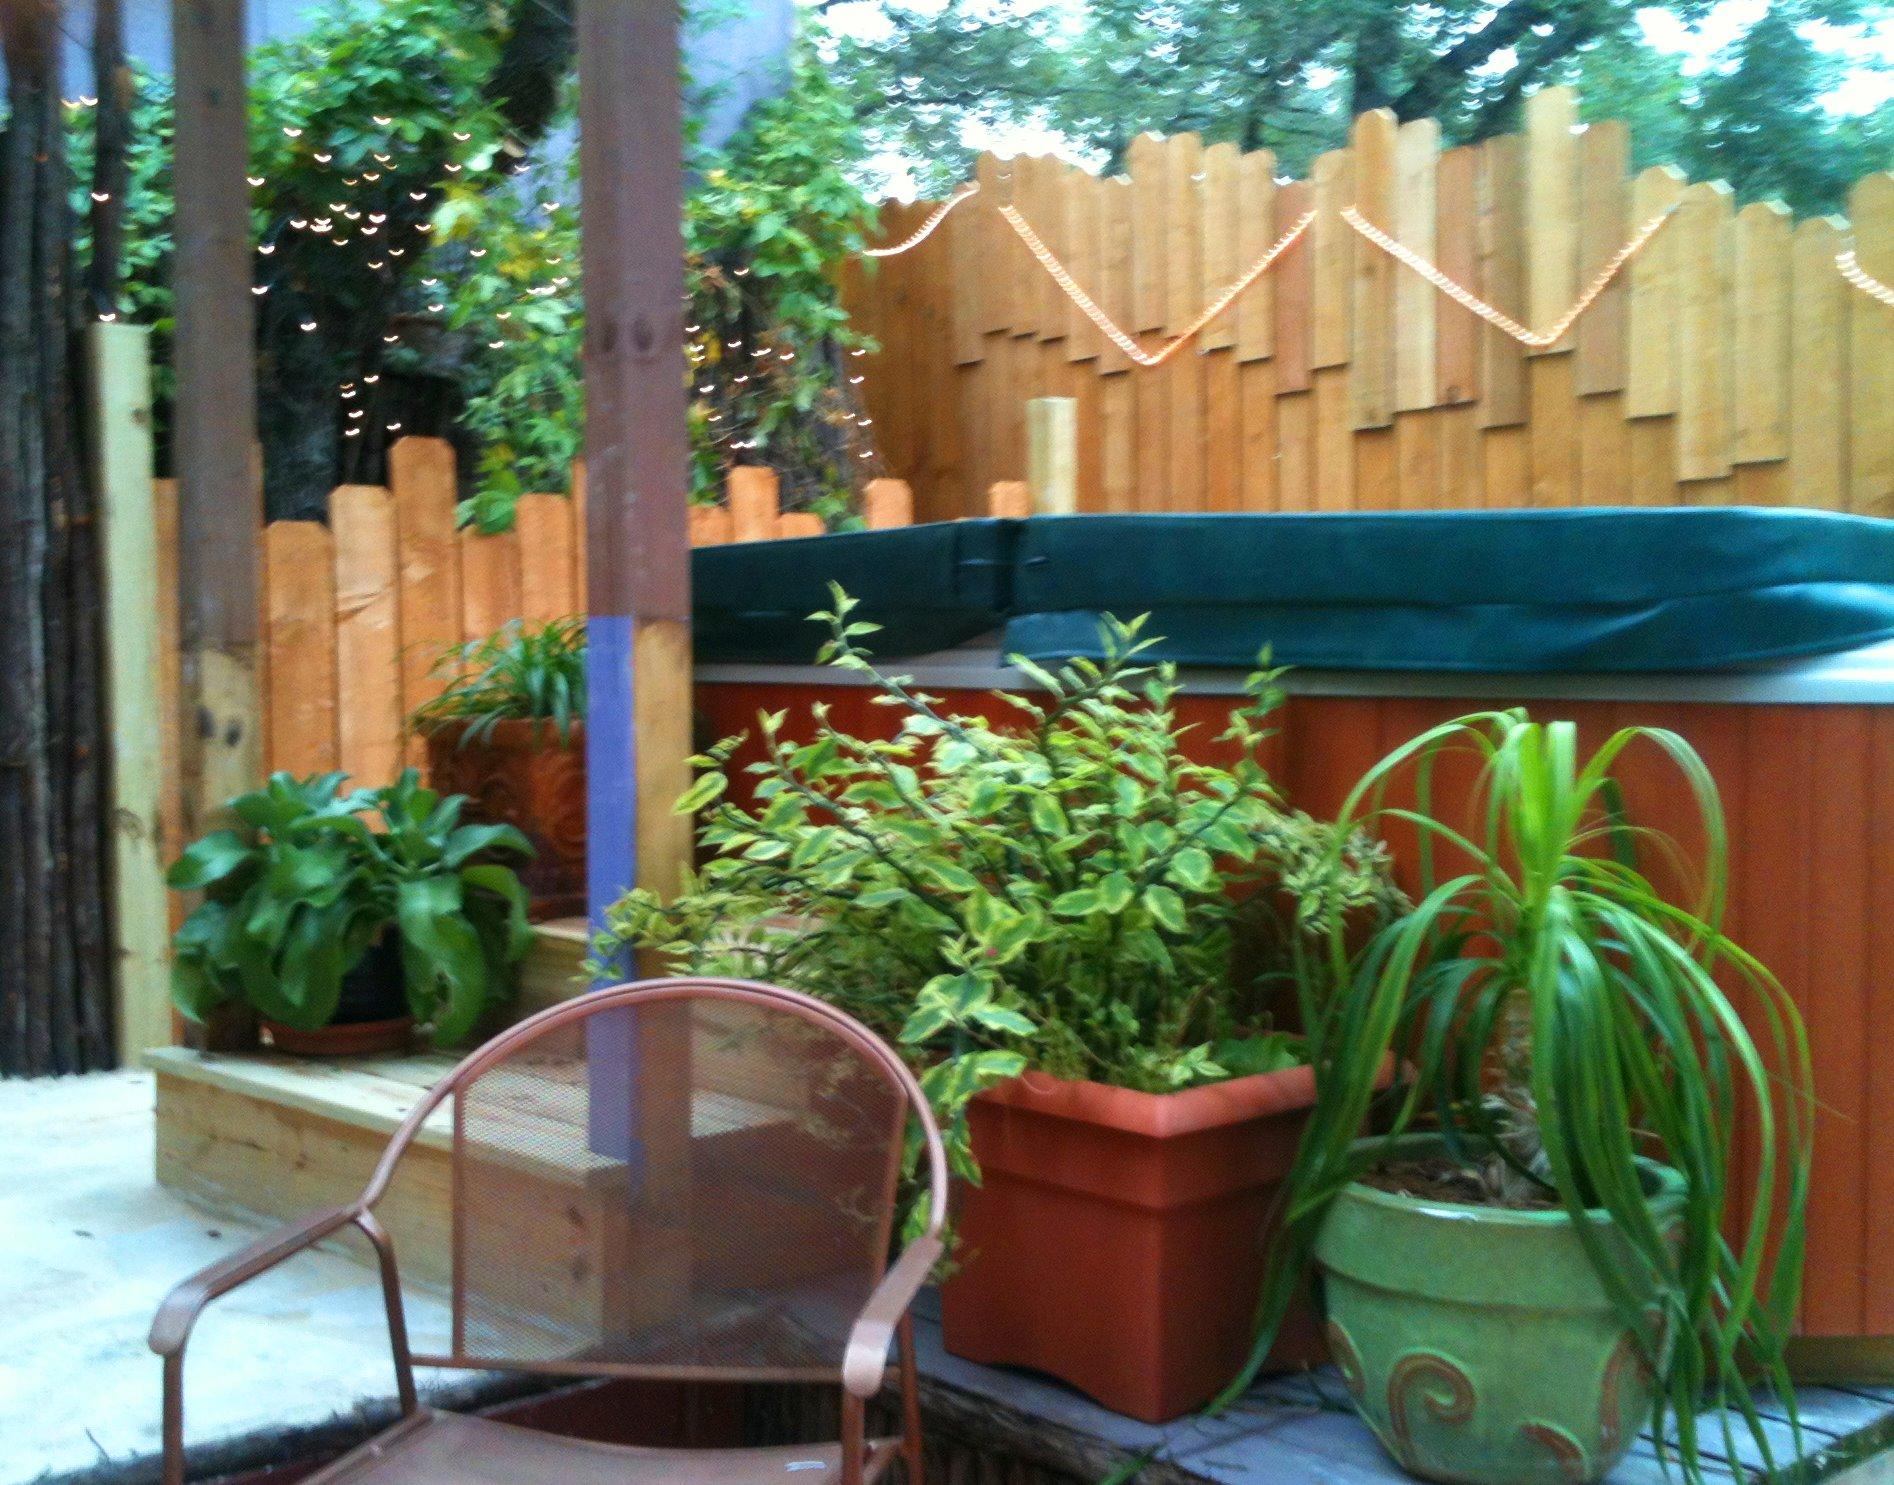 ArtisInn Guest House Oasis hot tub area 2